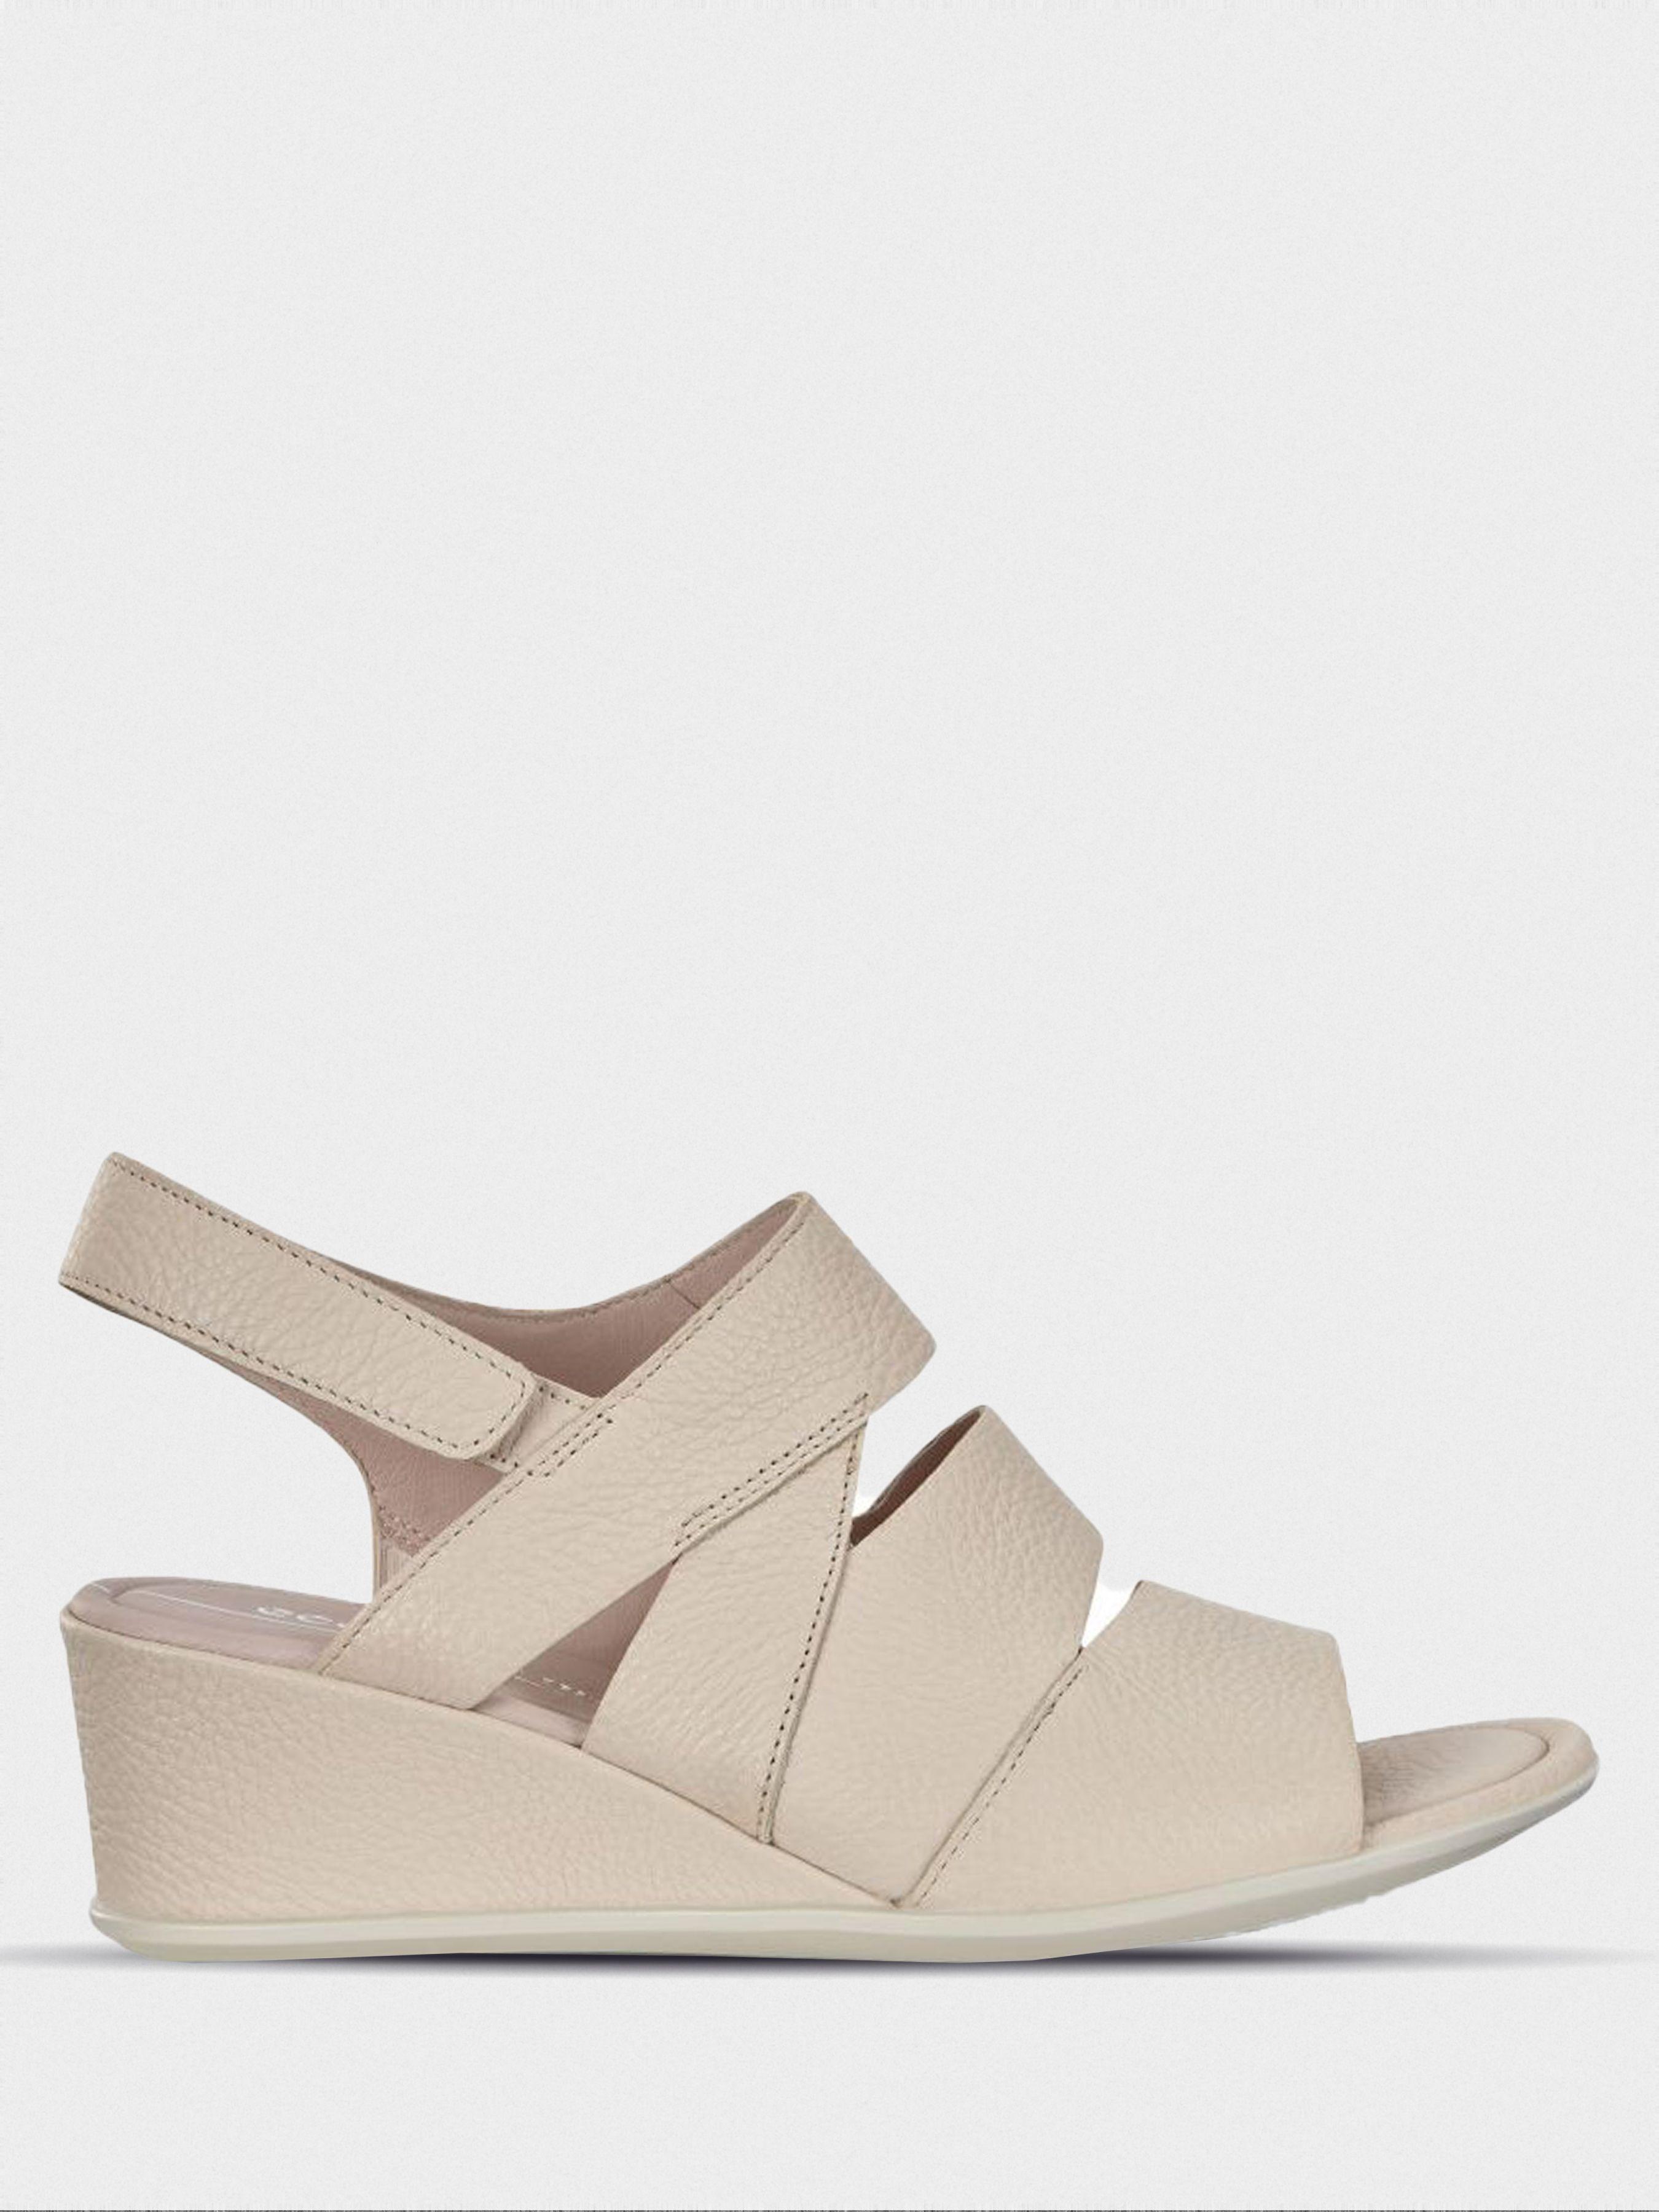 Босоножки для женщин ECCO SHAPE 35 WEDGE SANDAL ZW6158 брендовая обувь, 2017